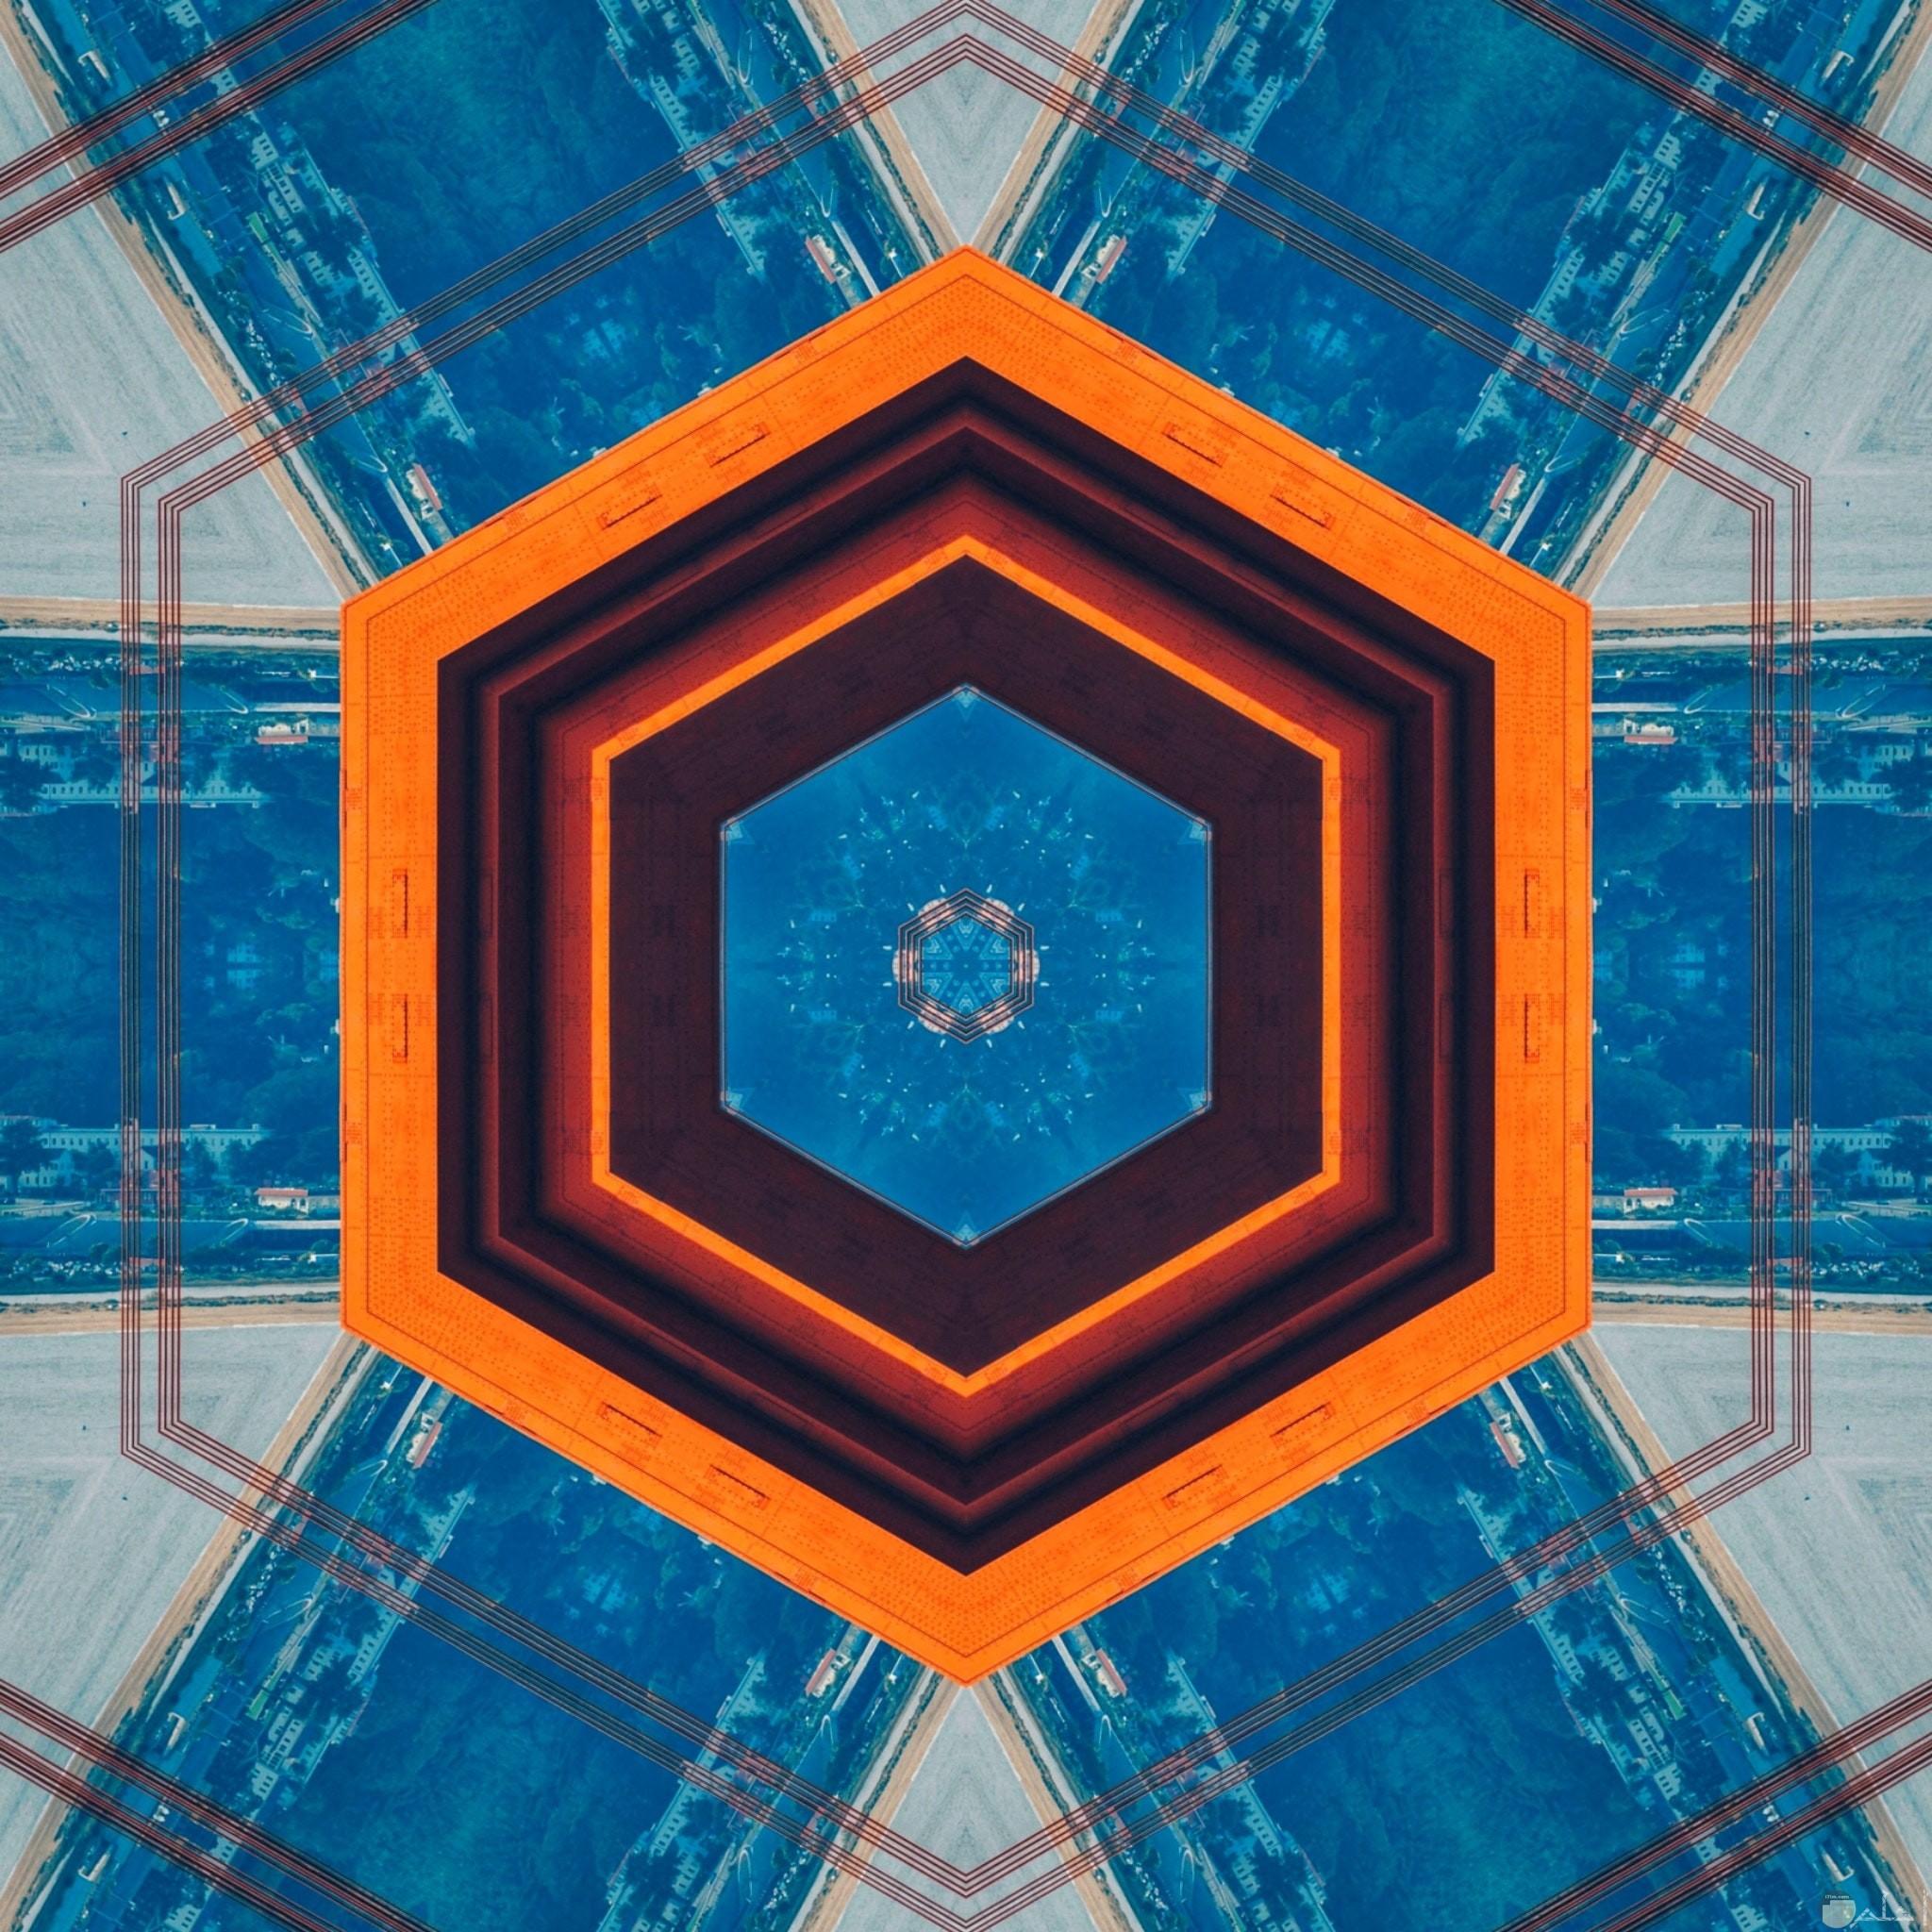 صورة غريبة وجميلة لتصميم أرضية وفي الوسط دائرة بالأزرق حولها دوائر بالبرتقالي والأحمر